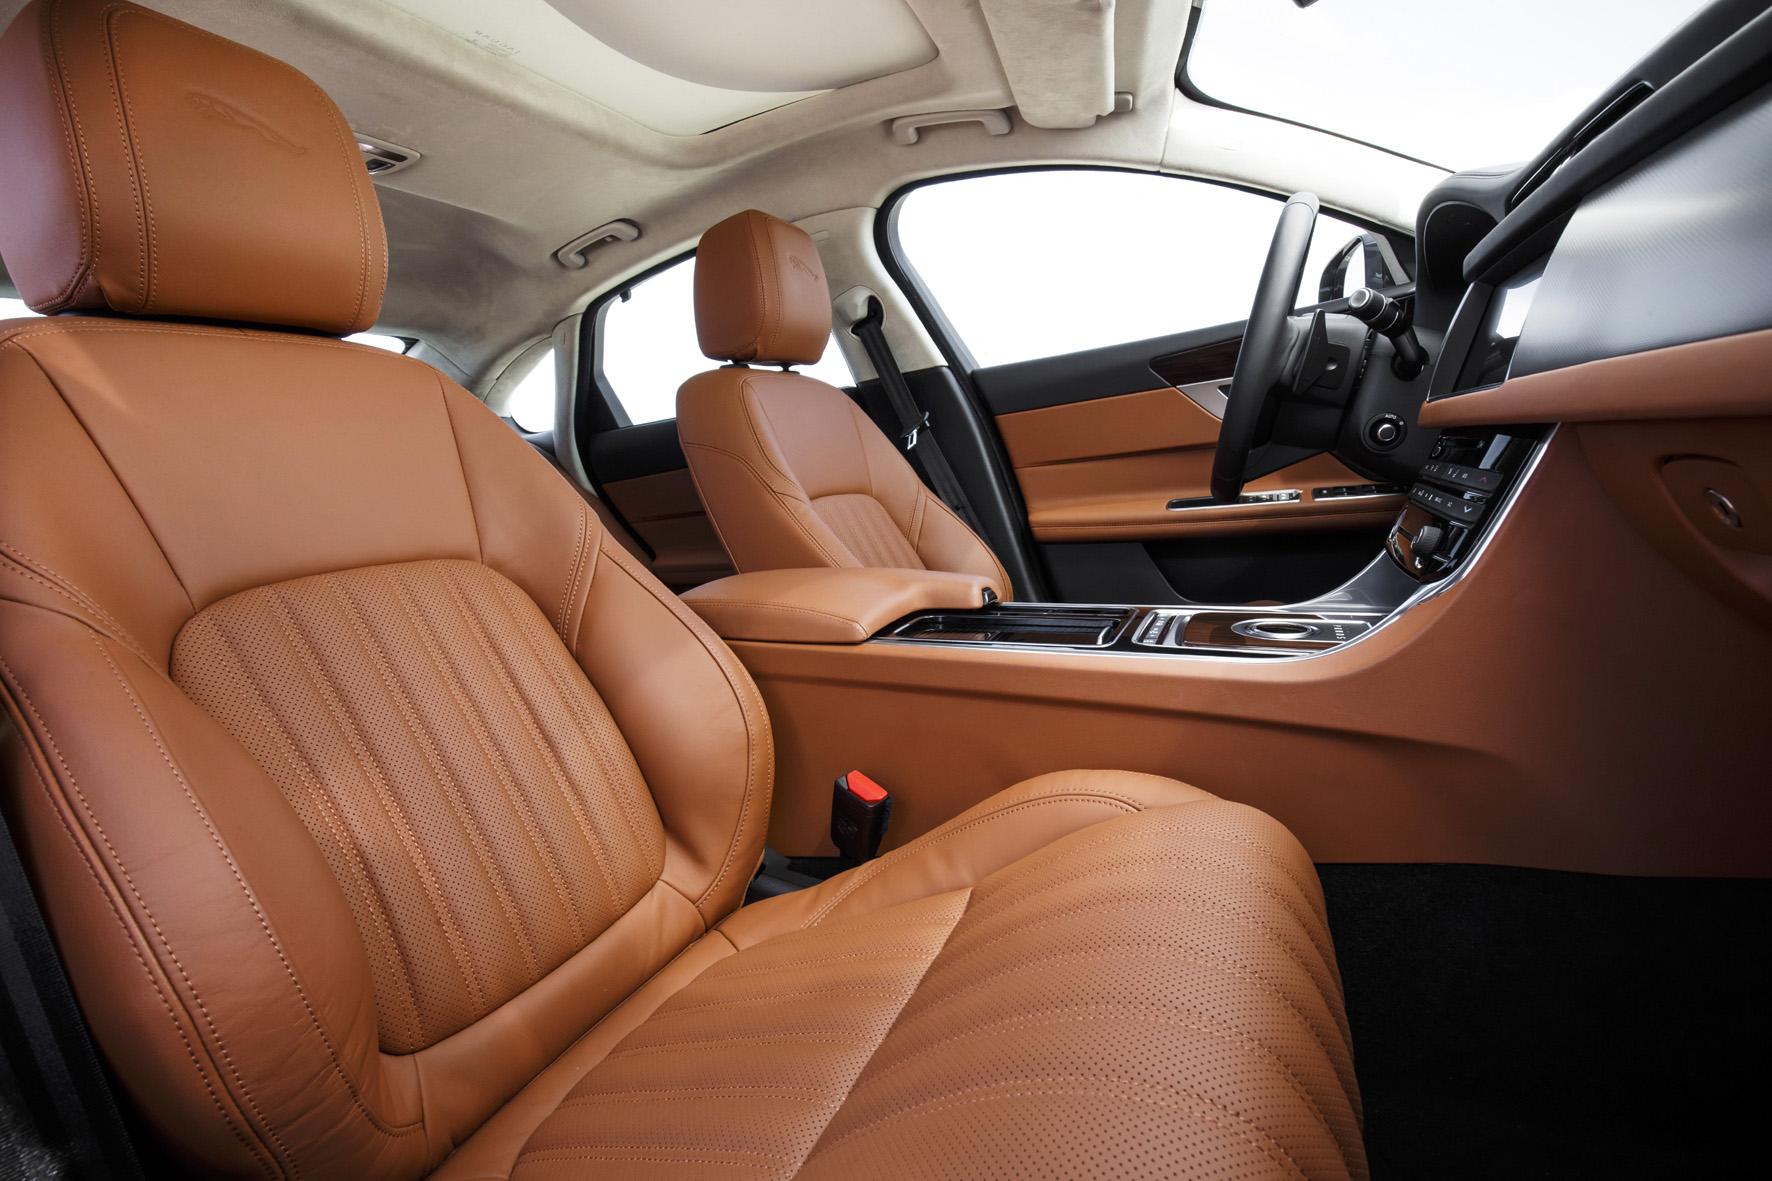 Straff gepolsterte Sitze vorne mit großem Verstellbereich, gutem Körperhalt und dem Flair einer britischen Club-Lounge sind ein Stilmittel im XF.